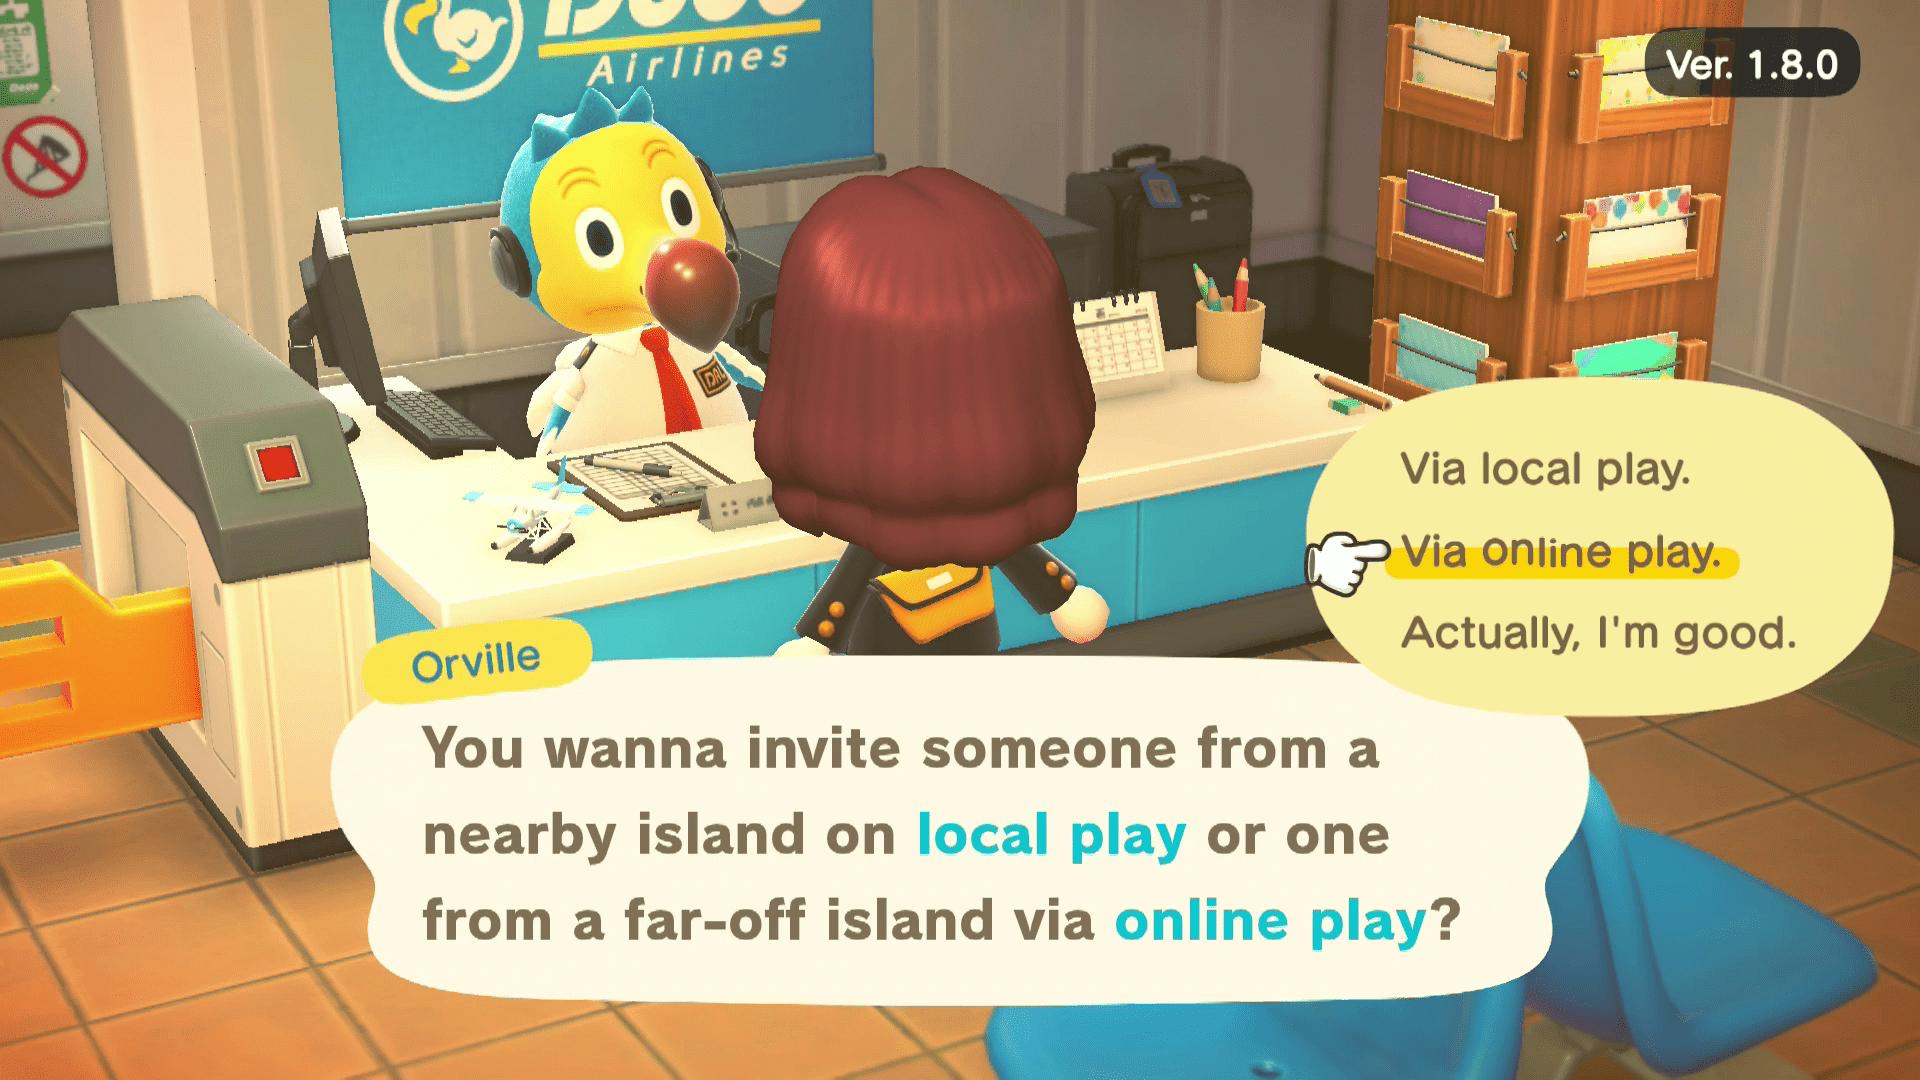 Via online play selected in Animal Crossing.